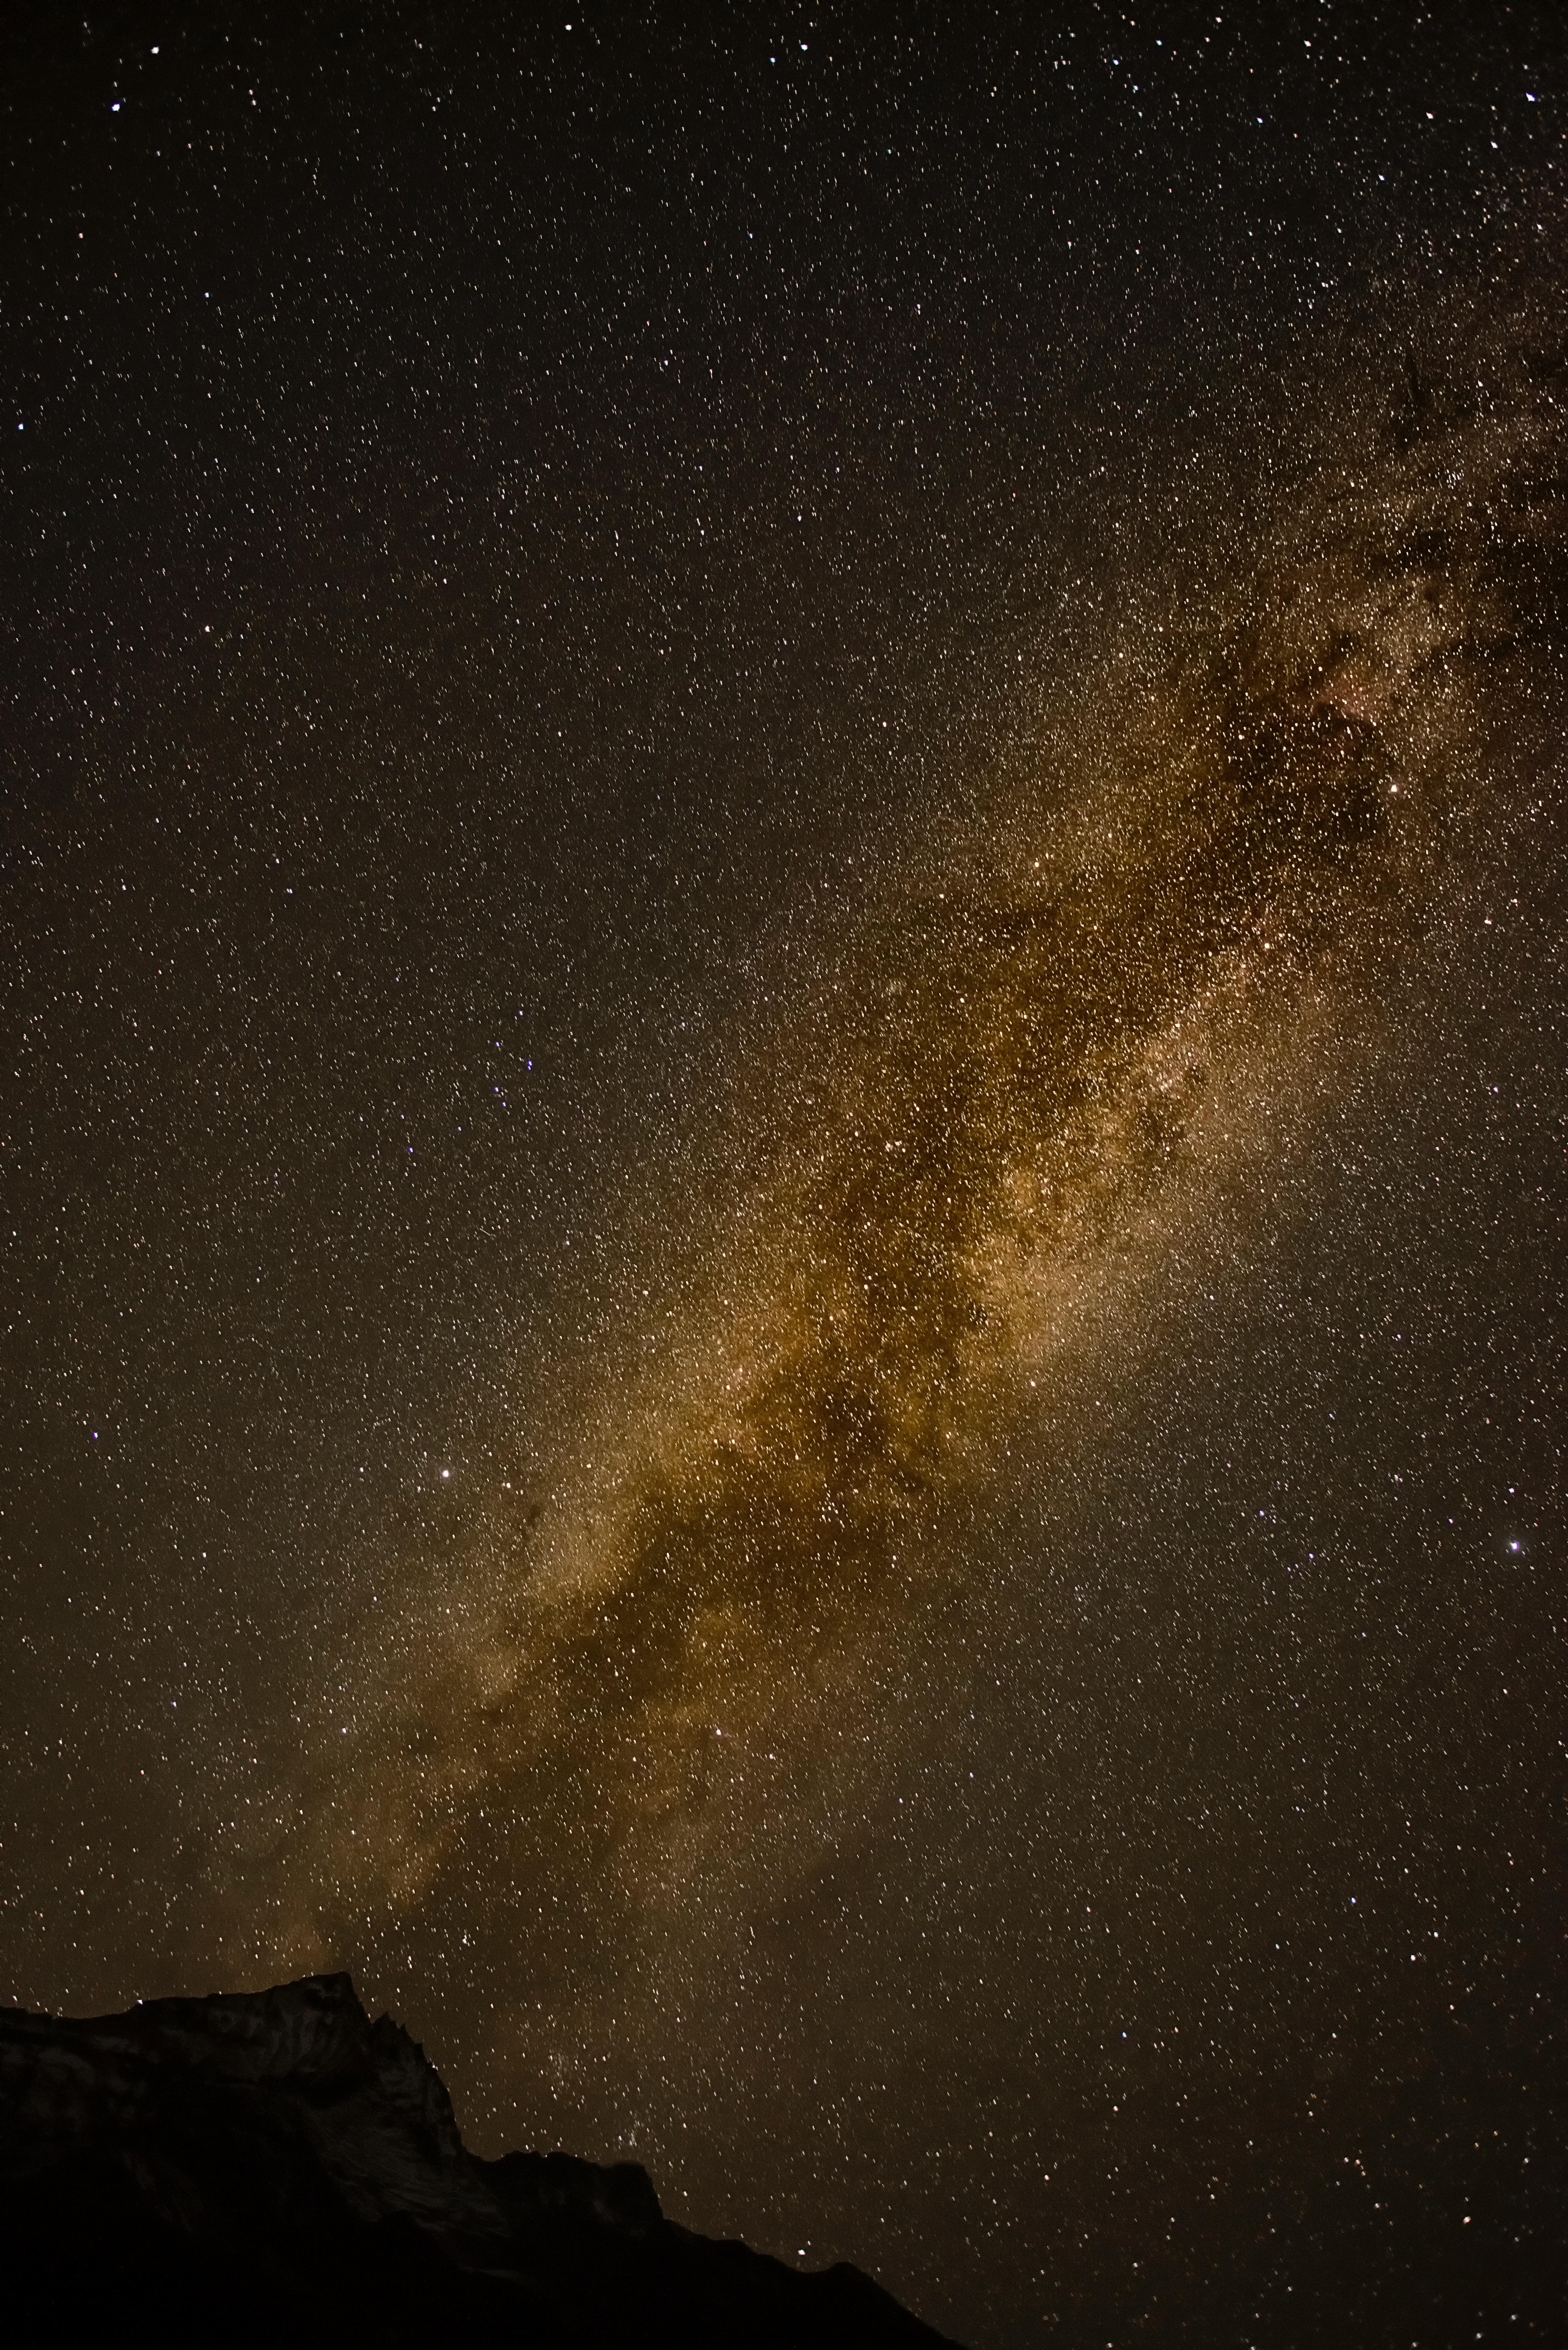 111815壁紙のダウンロード闇, 暗い, 天の川, 星空, ナイト, スター-スクリーンセーバーと写真を無料で